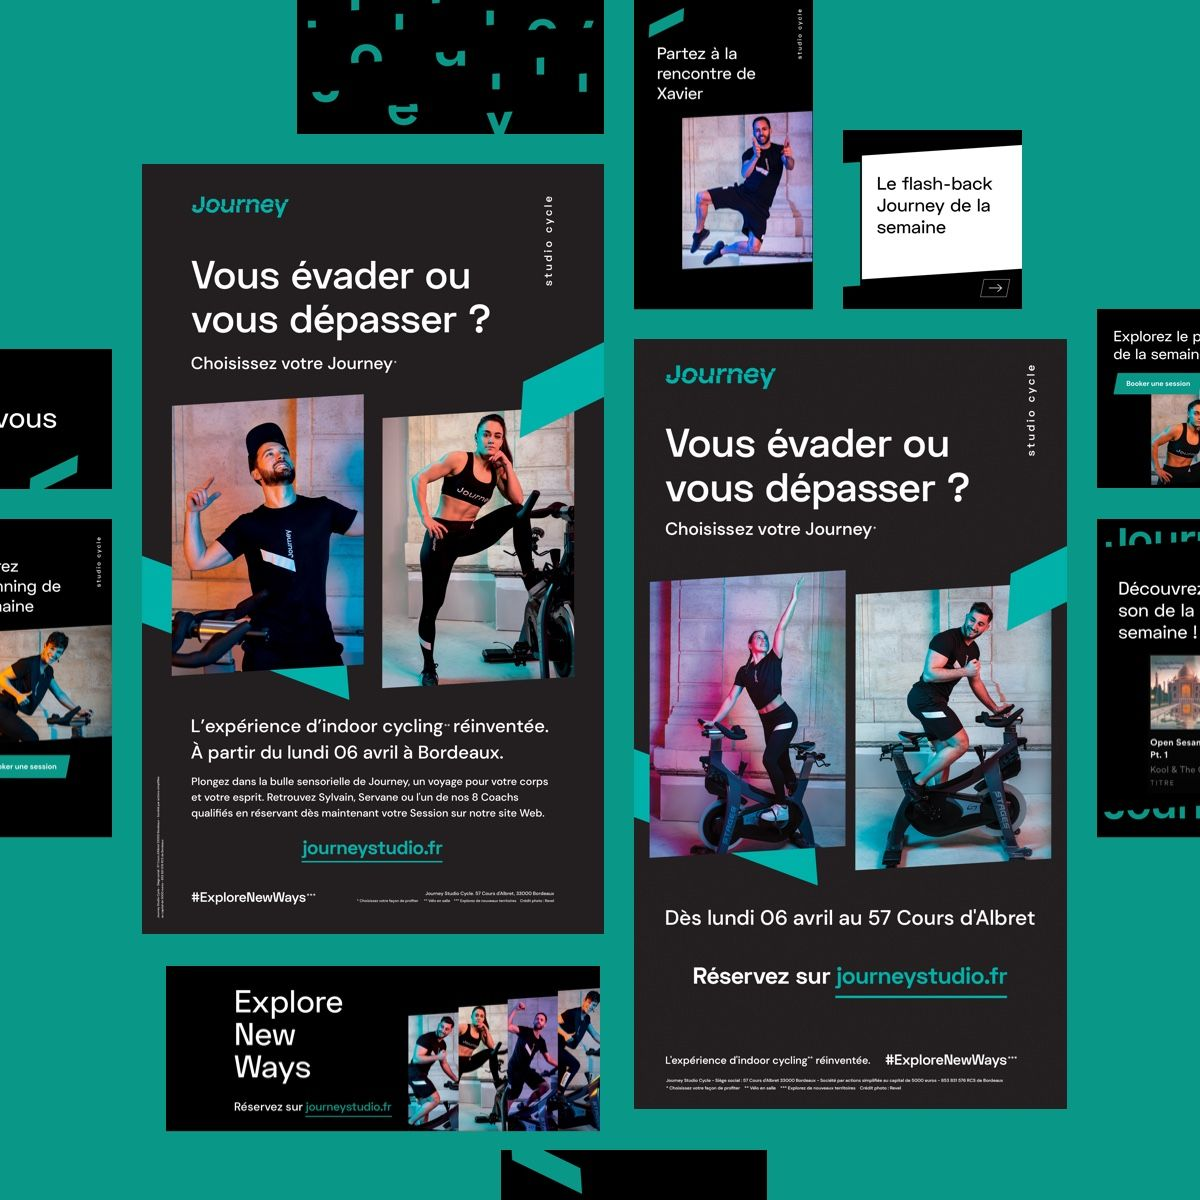 Extraits de visuels issus de la campagne de communication Journey